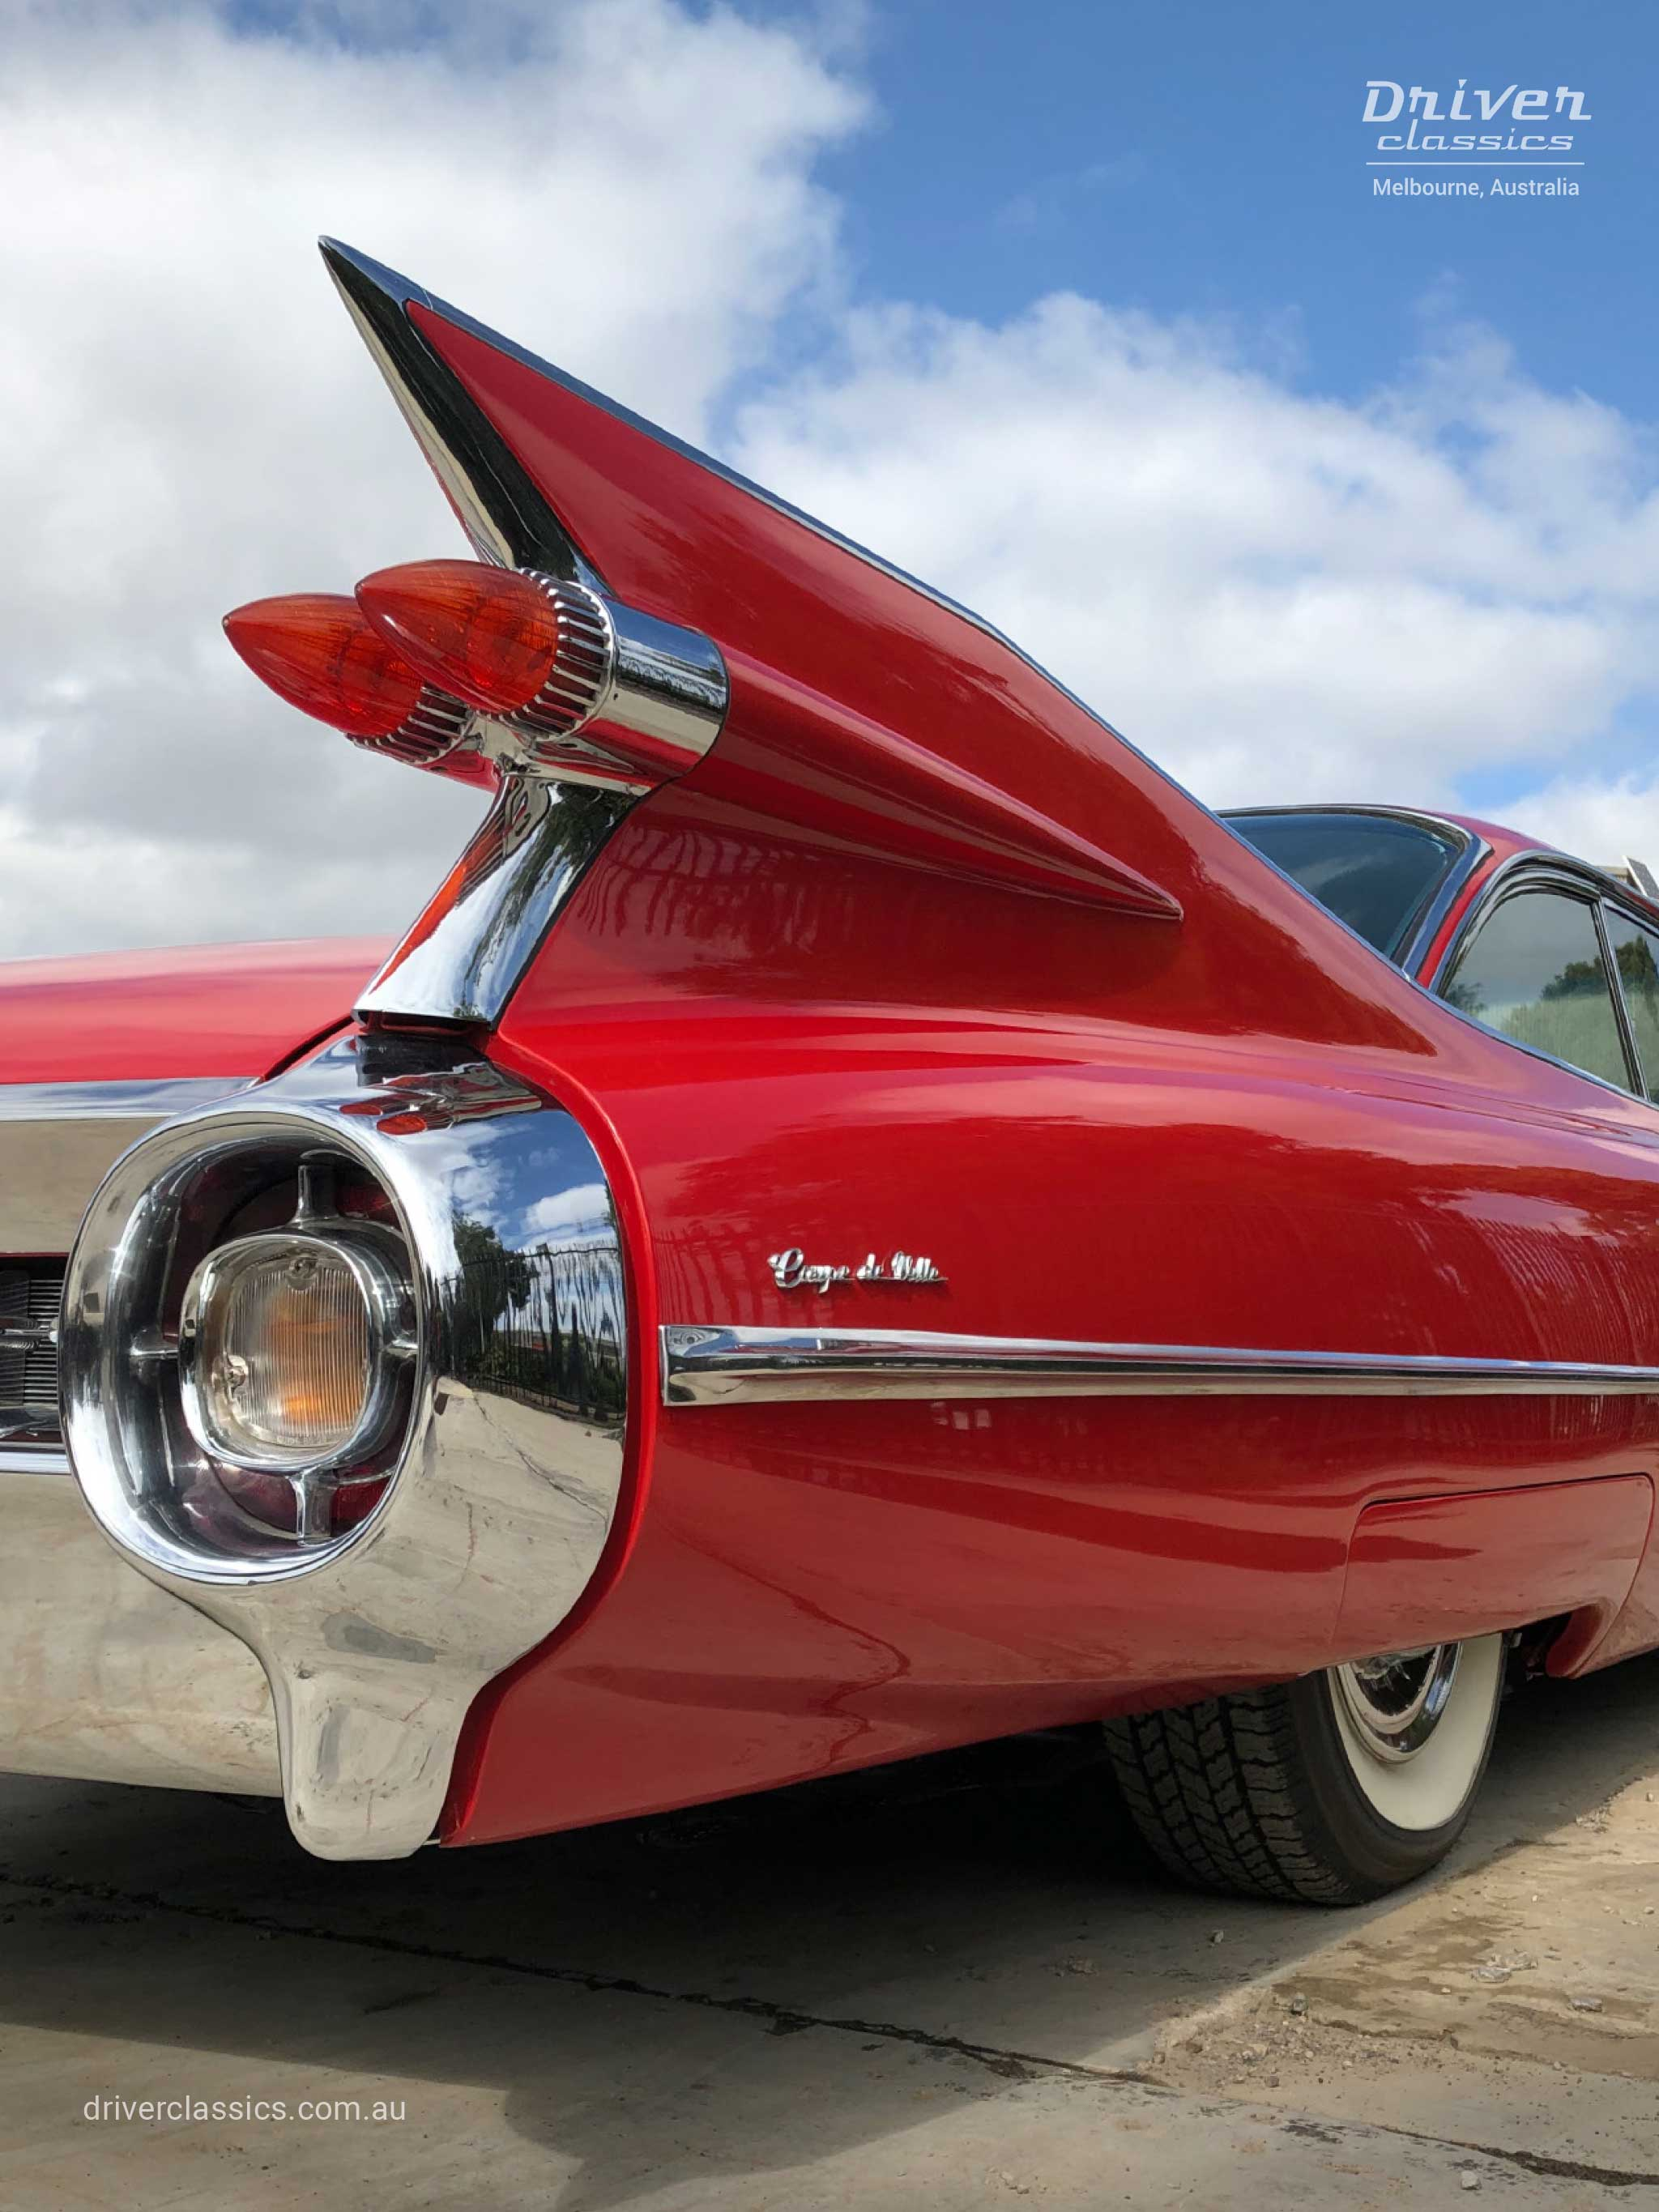 Cadillac Coupe de Ville (1959 version), fin close up, Mt Waverley VIC. Photo taken Jan 2020